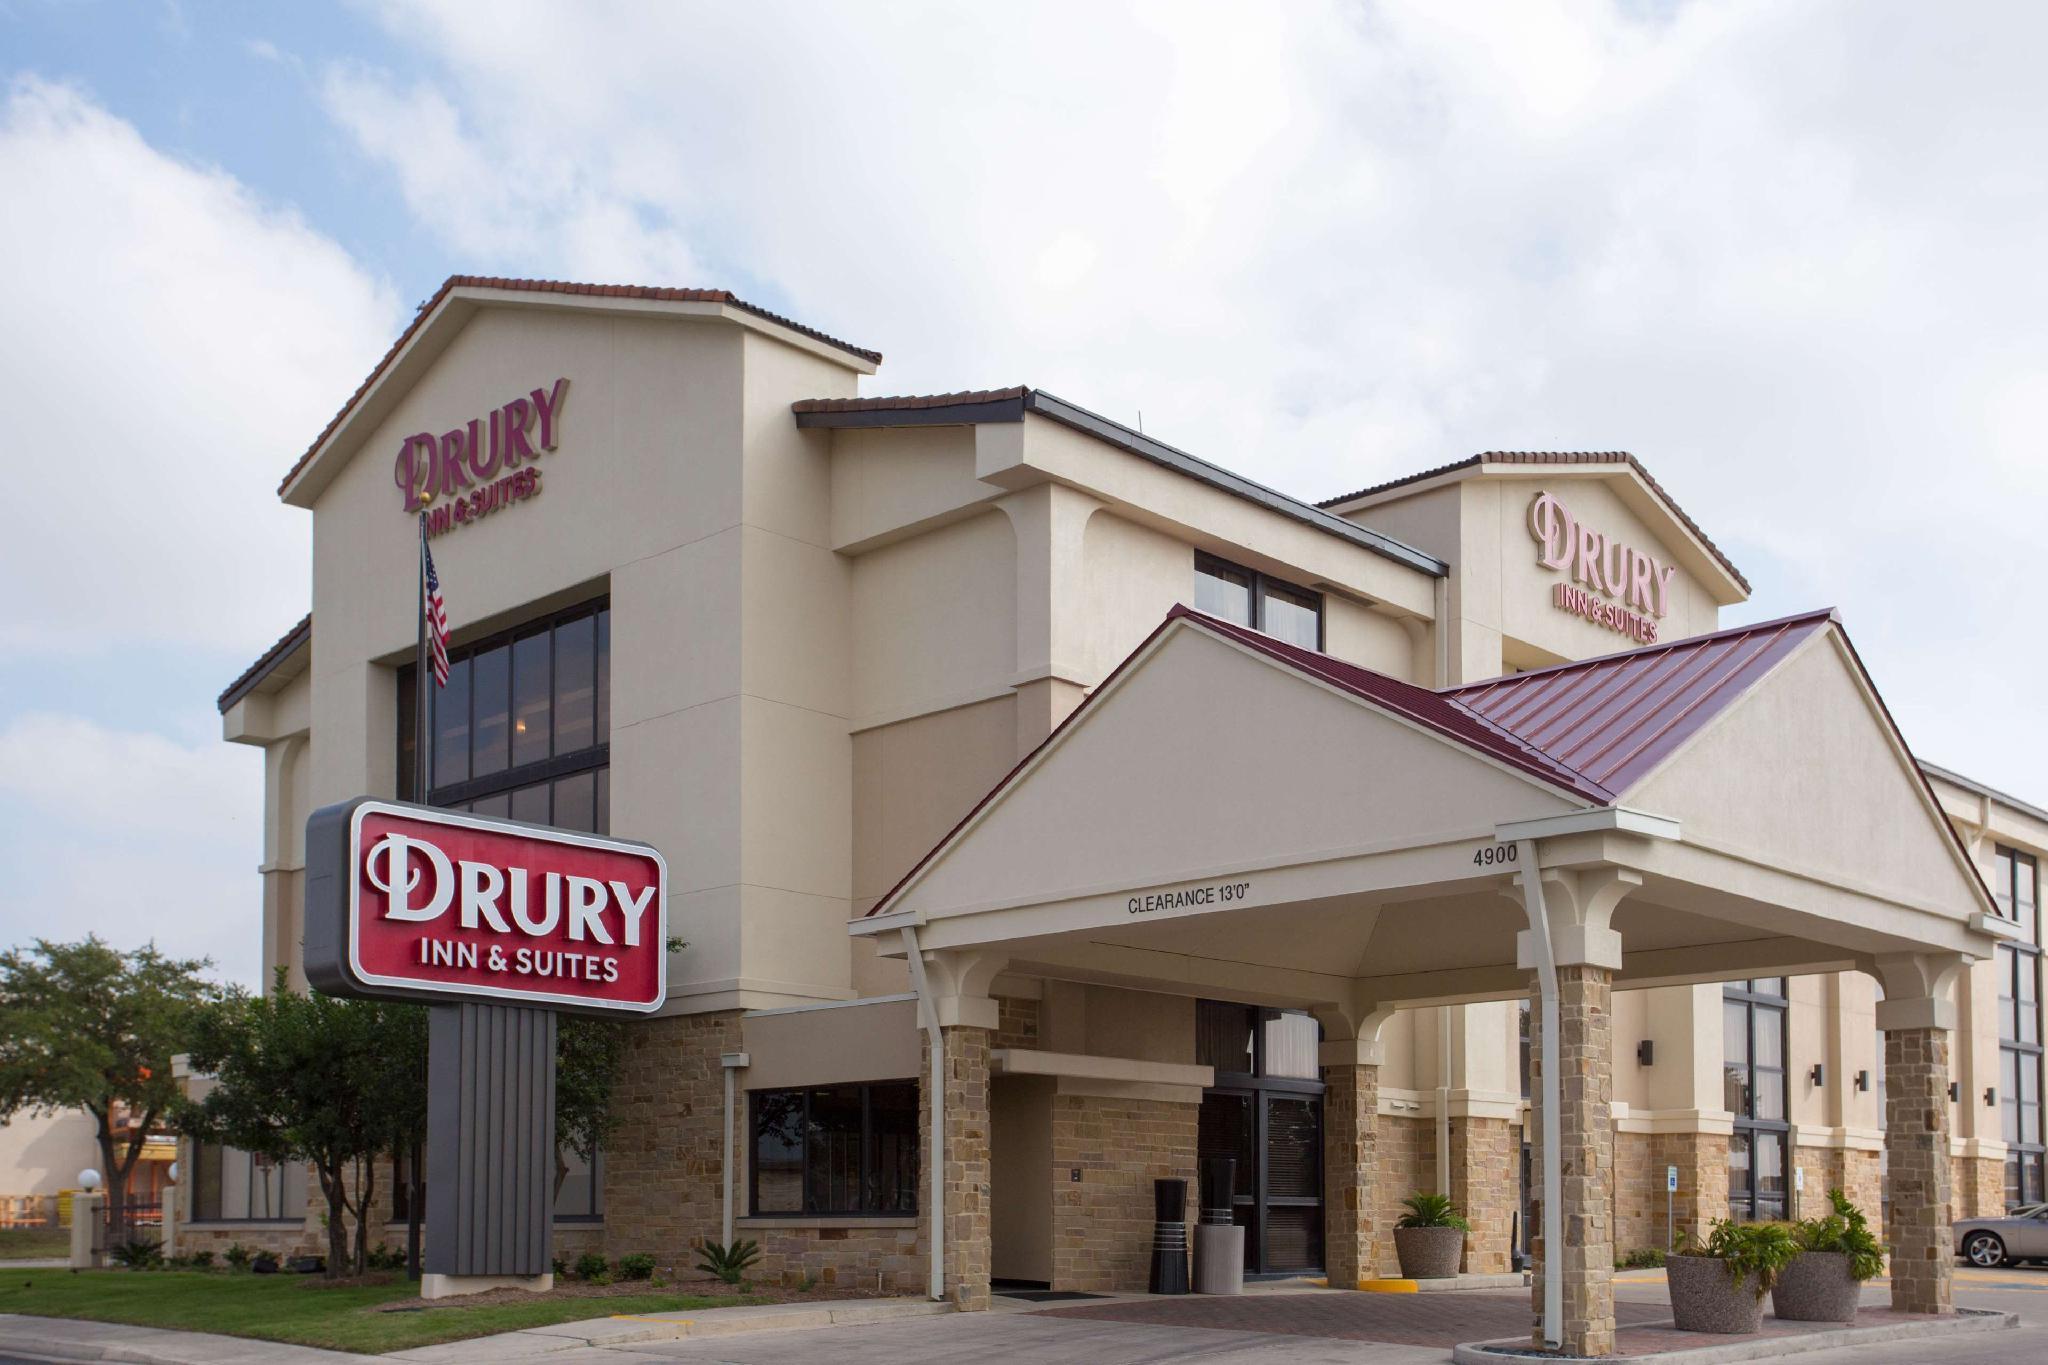 Drury Inn And Suites San Antonio Northeast